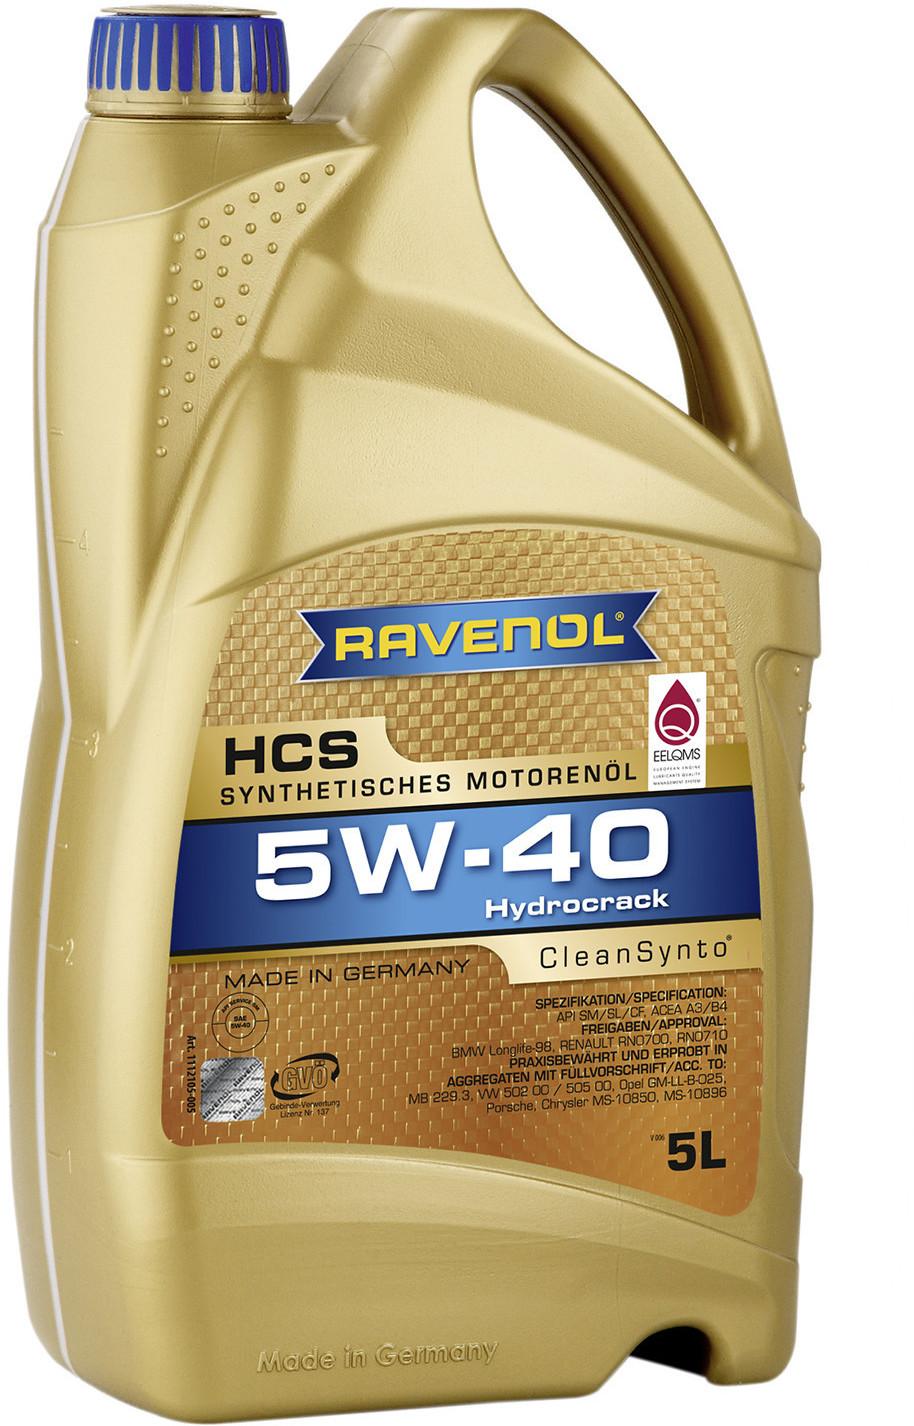 Ravenol HCS 5W-40 (5 l)